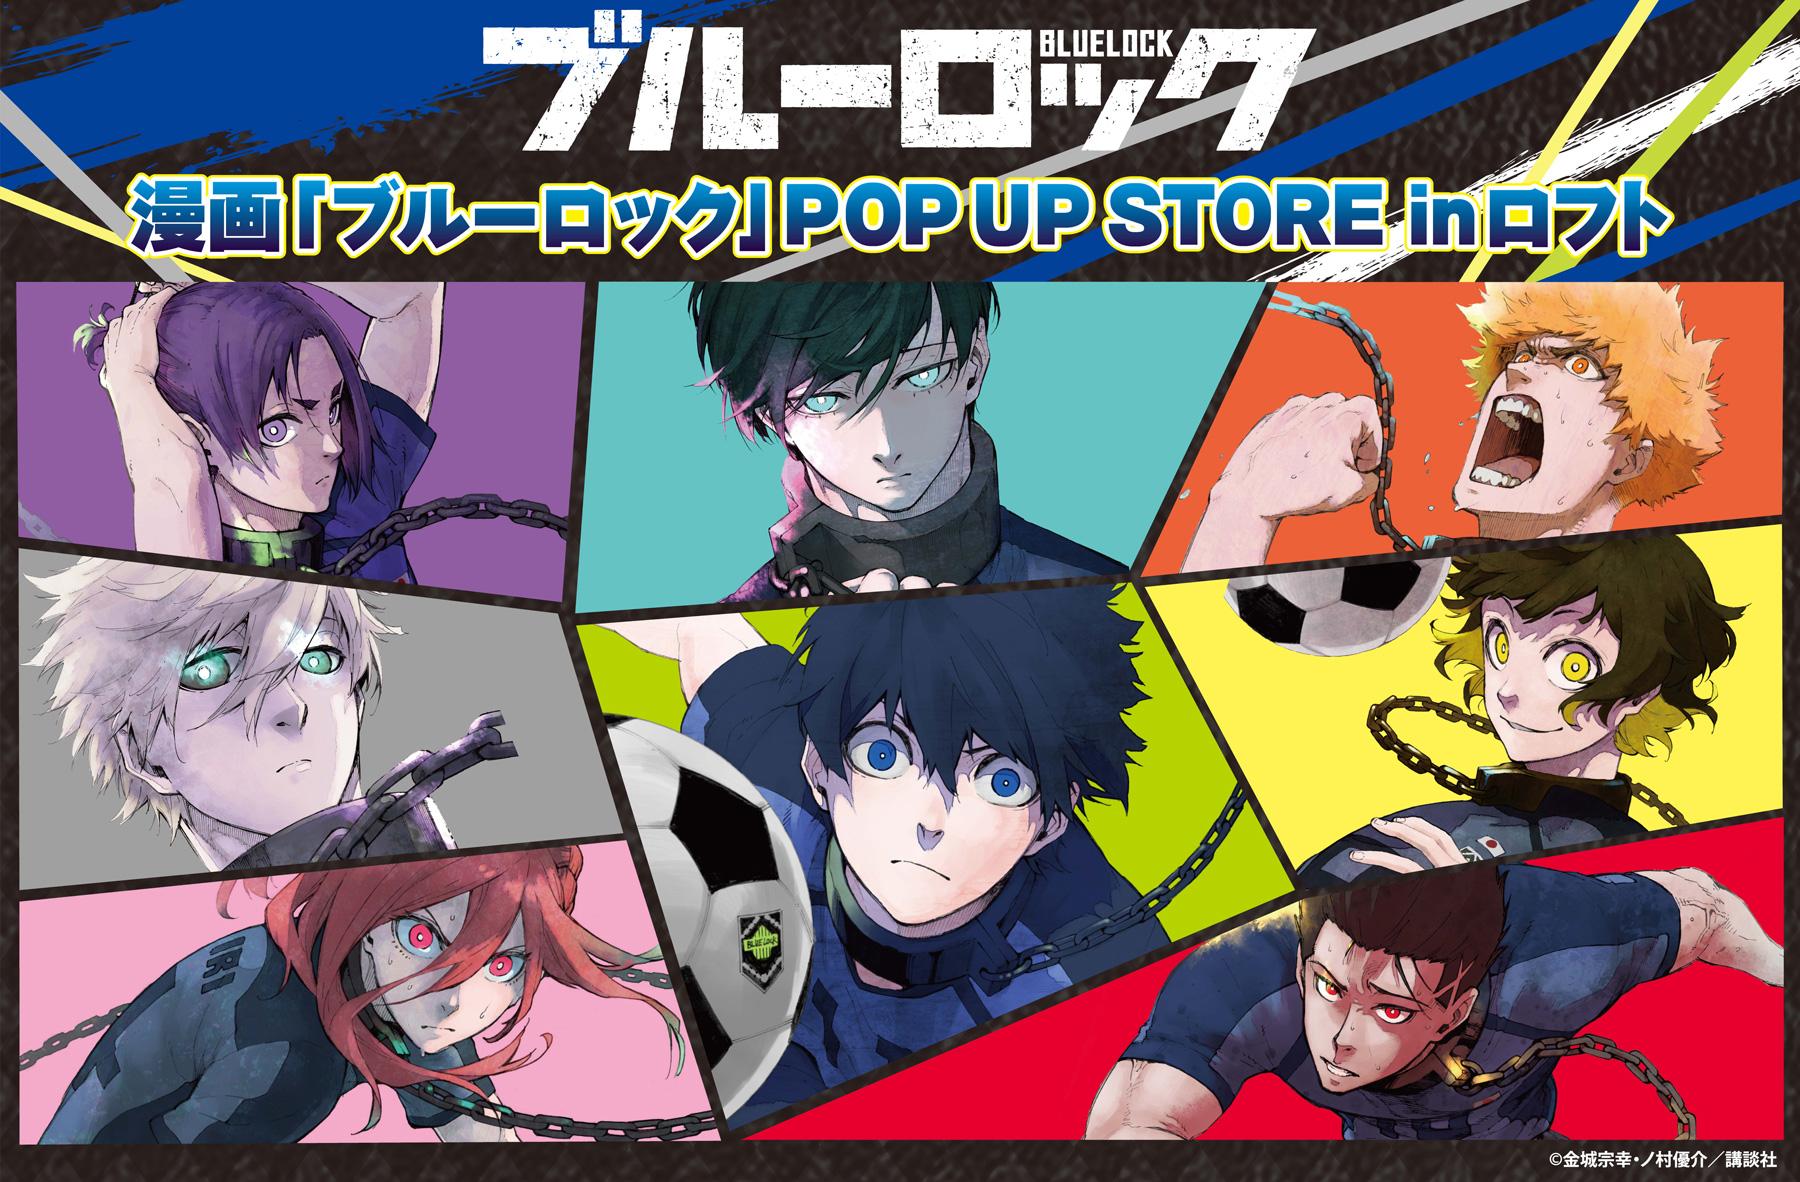 『ブルーロック』 POP UP STORE inロフト